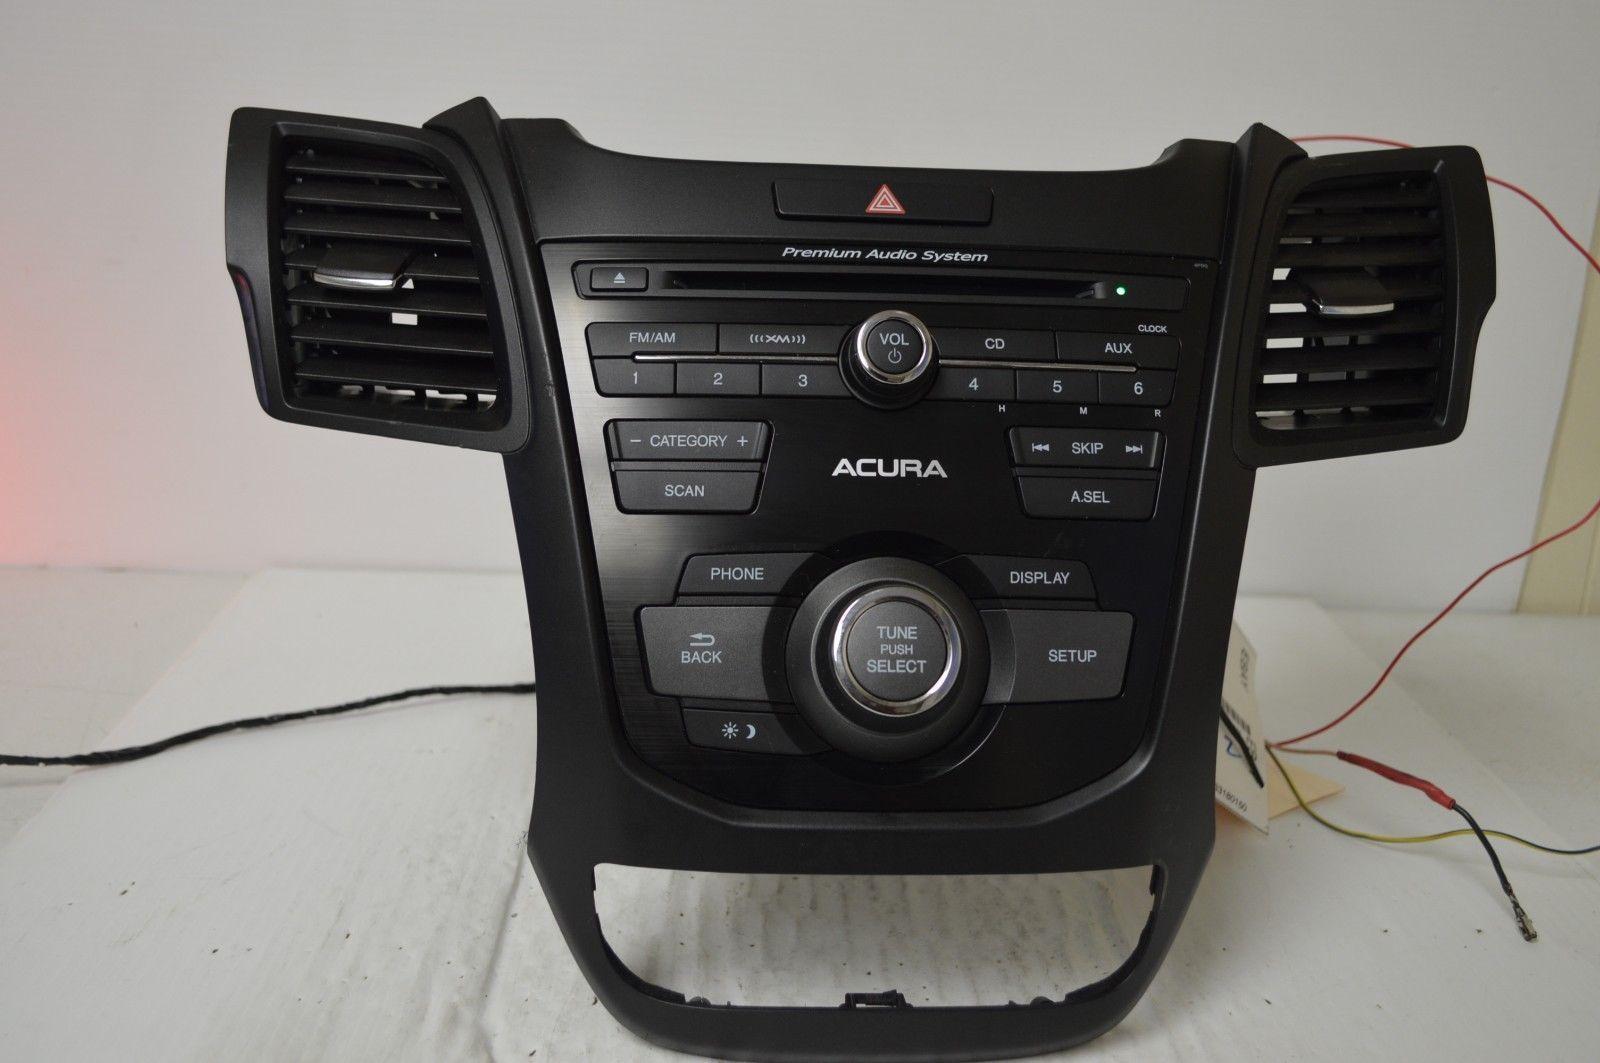 Acura Radio (2010s): 8 listings on sirrus radio, sirius radio, slacker radio, vivid radio, siriusxm radio, sat radio, sam roberts radio, sirrius radio, top gold radio,